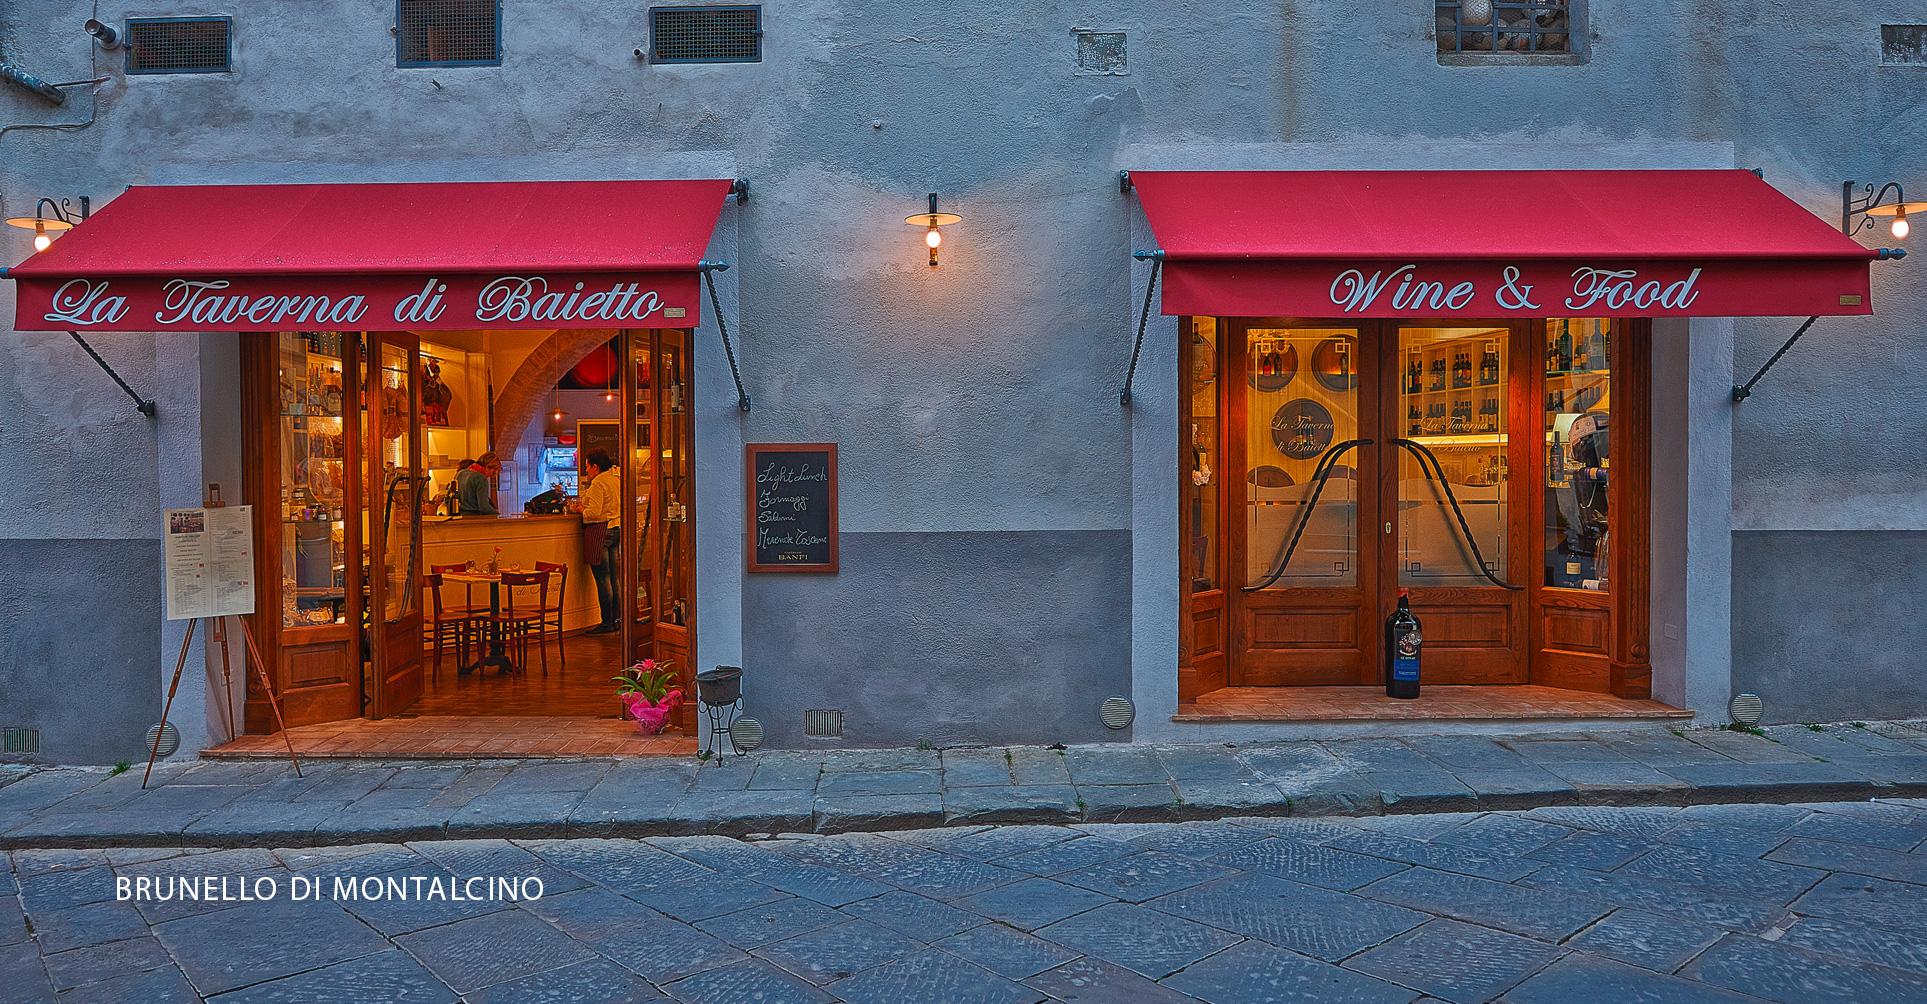 Brunello_di_Montalcino_2